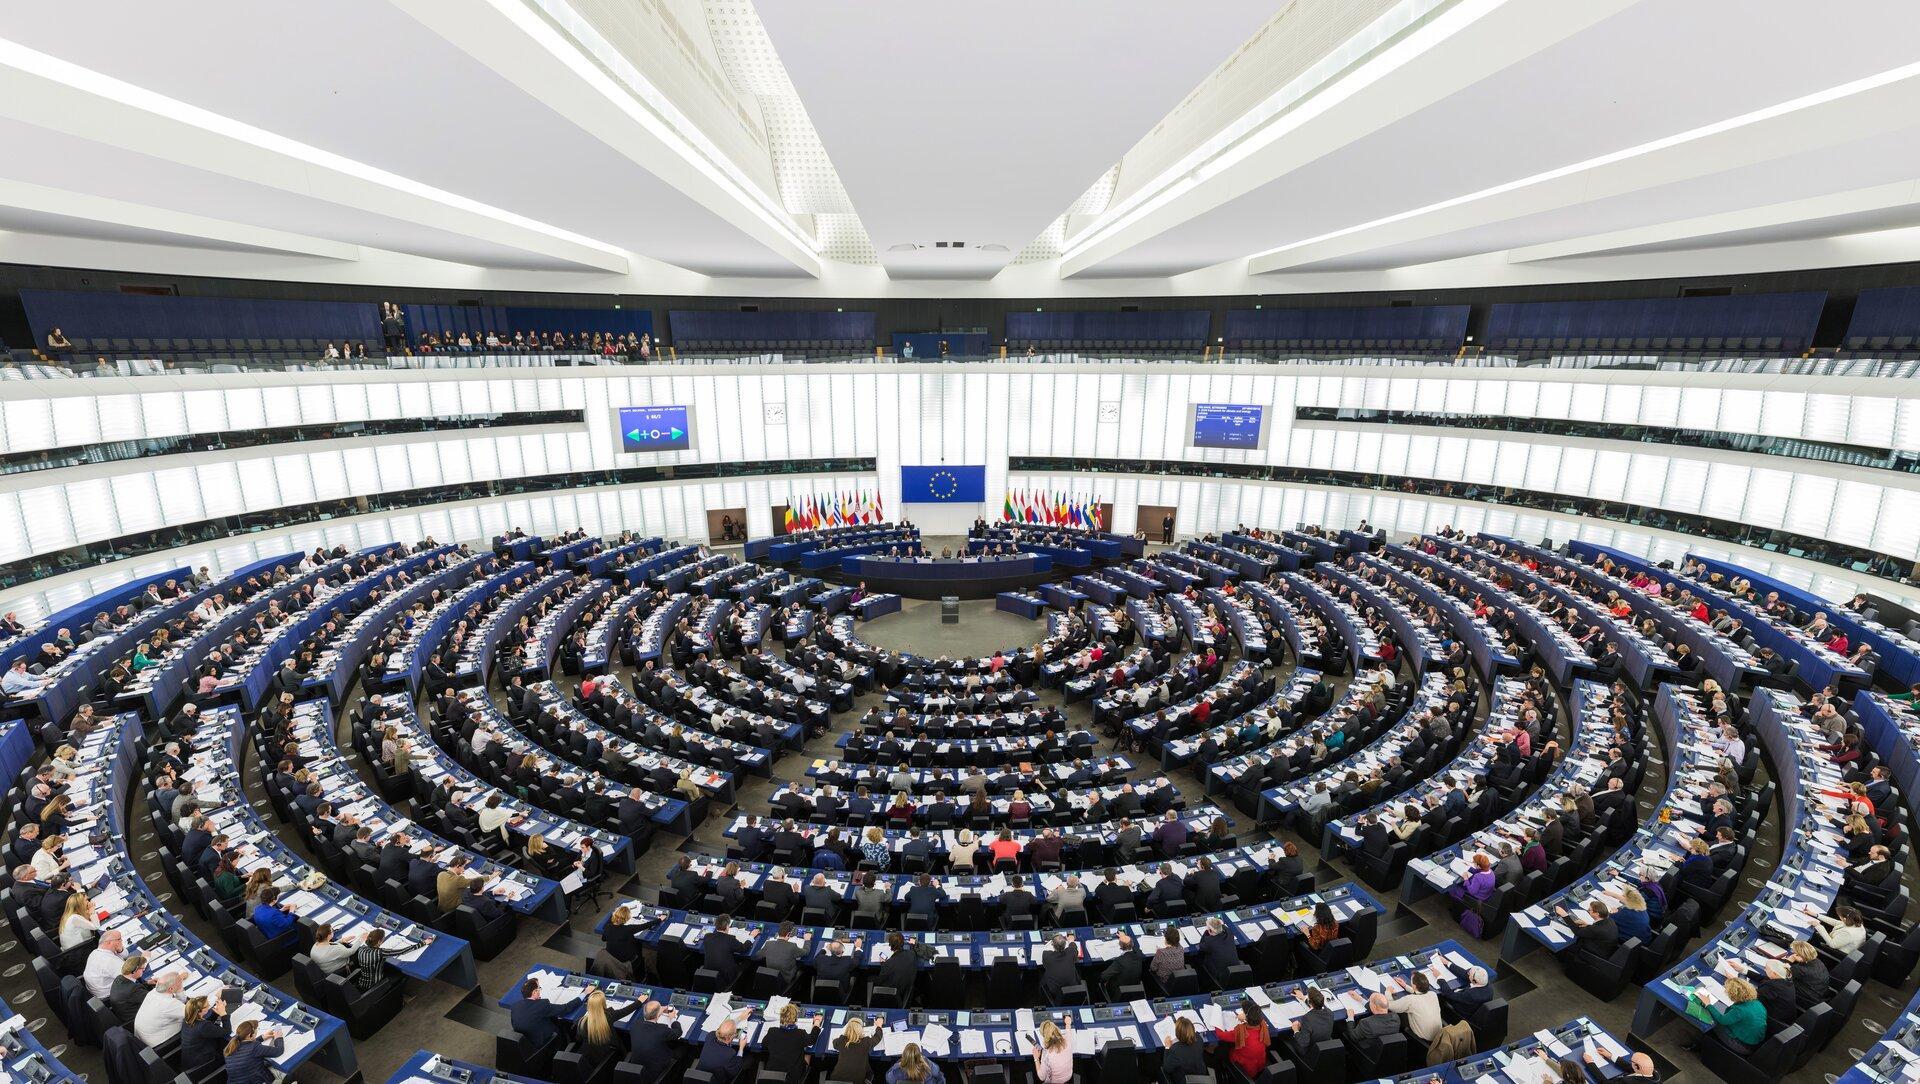 Sala posiedzeń Parlamentu Europejskiego Źródło: Diliff, Sala posiedzeń Parlamentu Europejskiego, licencja: CC BY-SA 3.0.